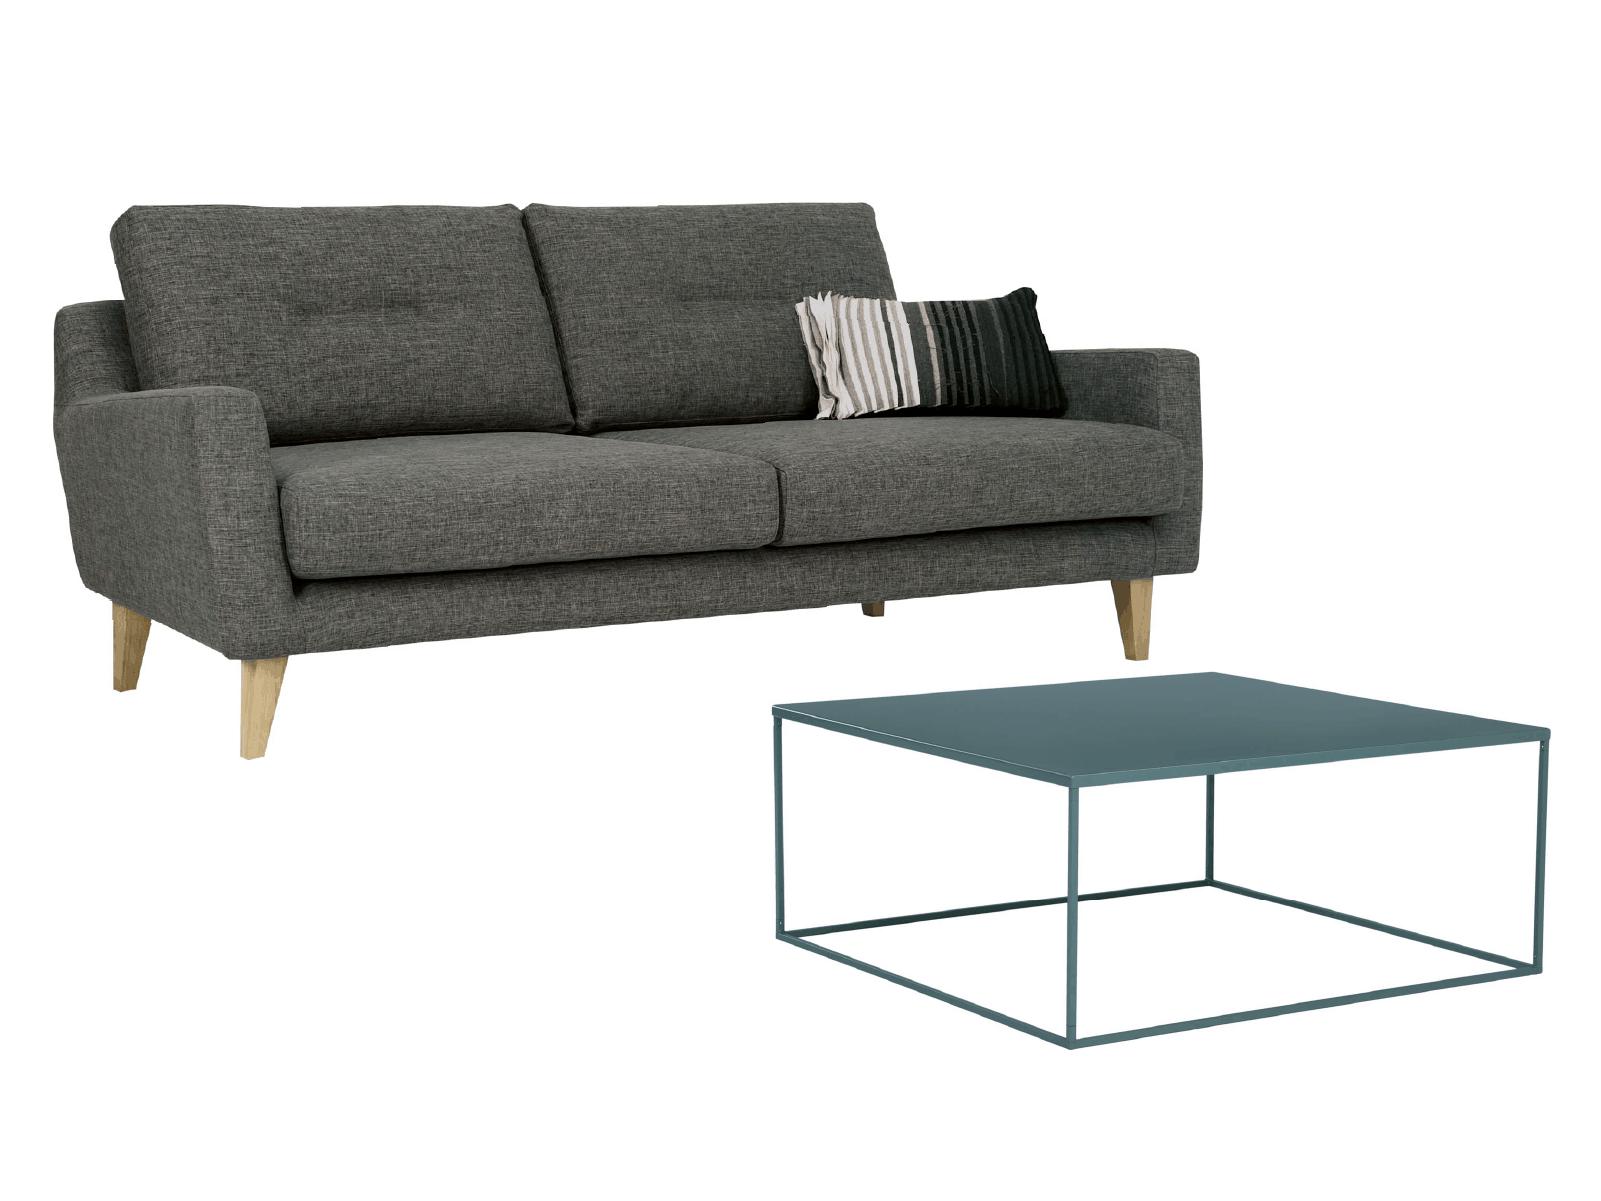 Malibu 3 Seater With Coffee Table Set (Seal)@2x